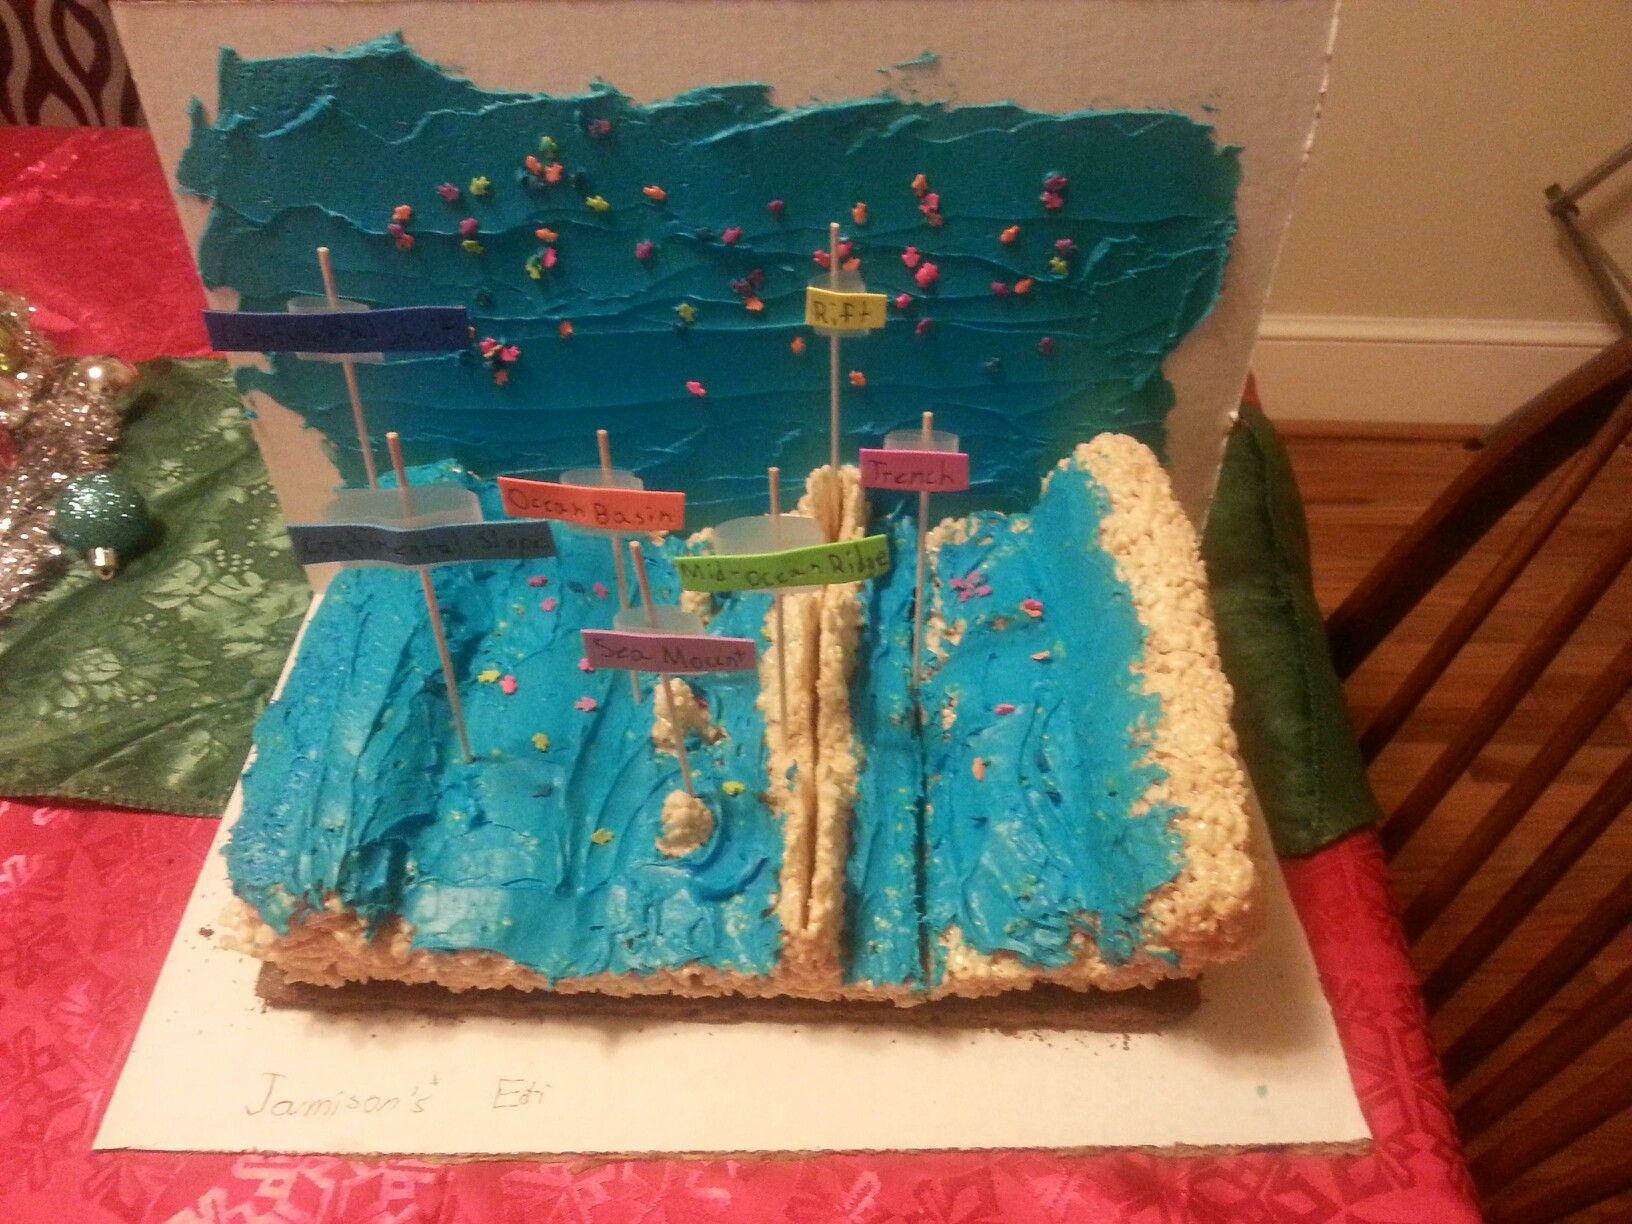 Edible Ocean Floor Project Brownies Rice Kryspie Treat Blue